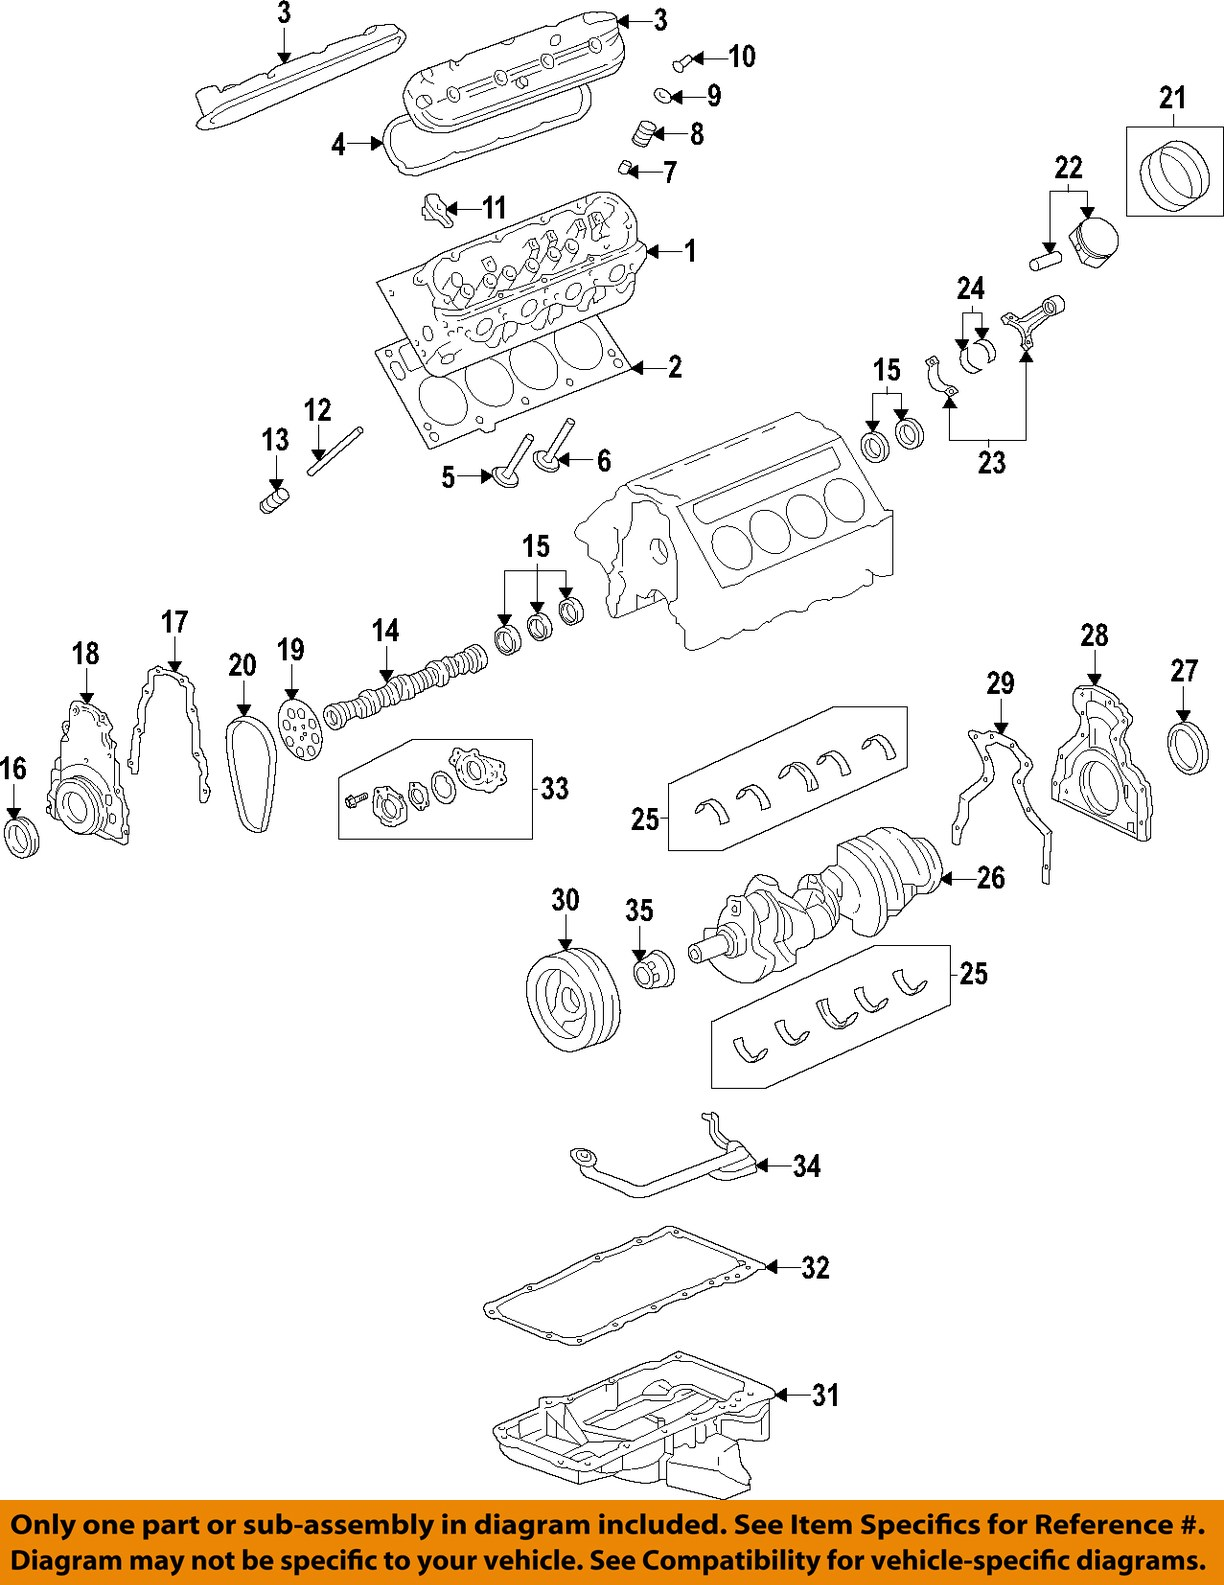 buick 34 engine diagram 15 2 artatec automobile de \u2022